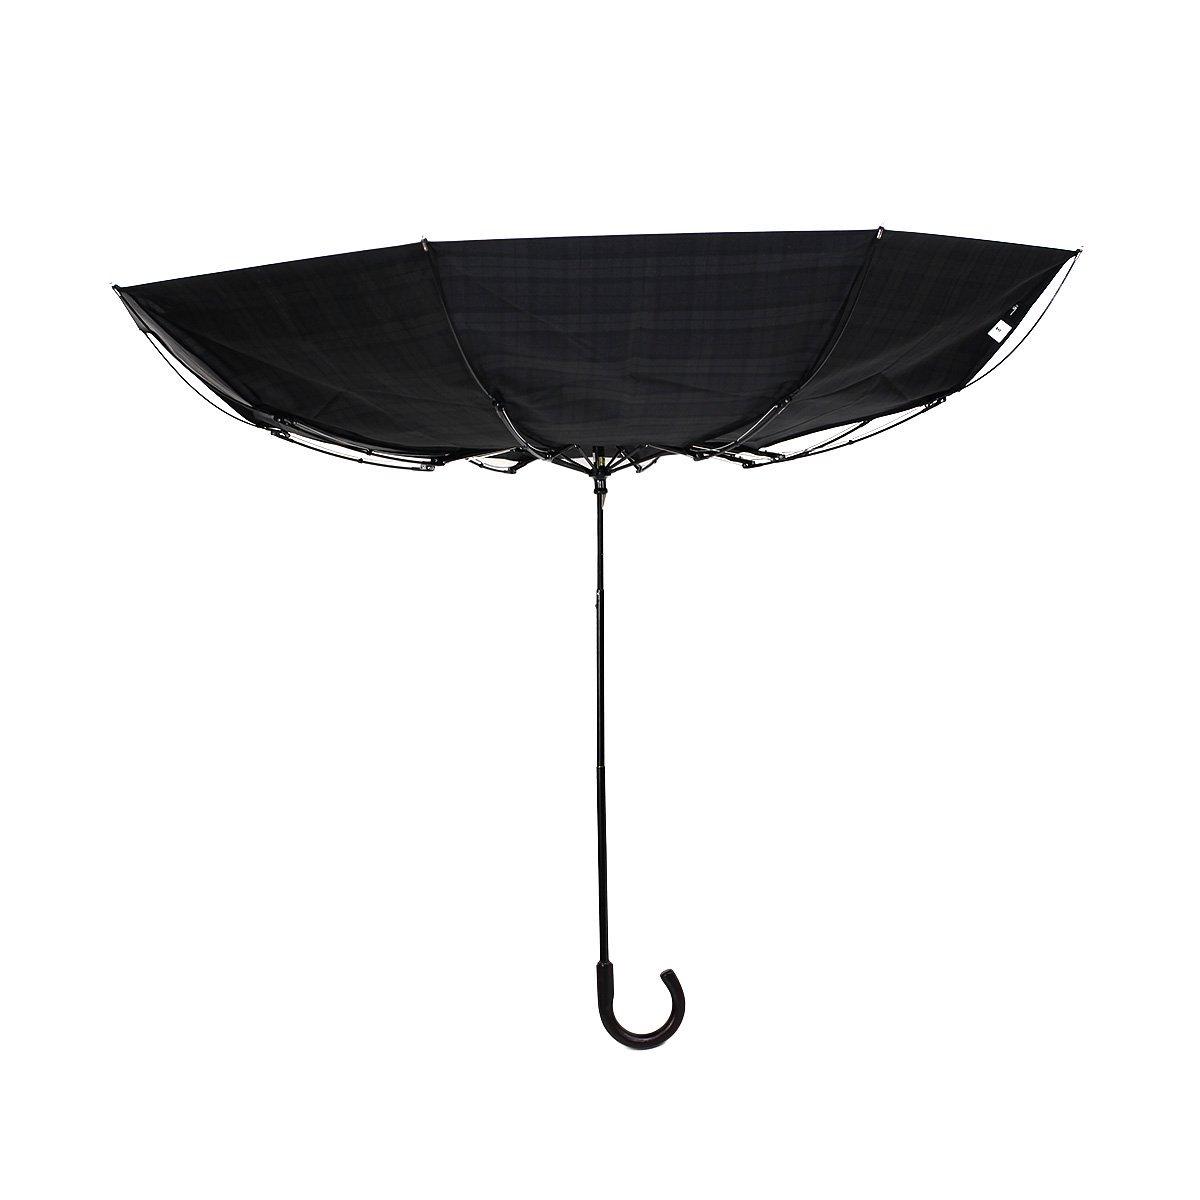 自動開閉 耐風骨 ミノテック オールシーズン 折りたたみ傘 詳細画像10